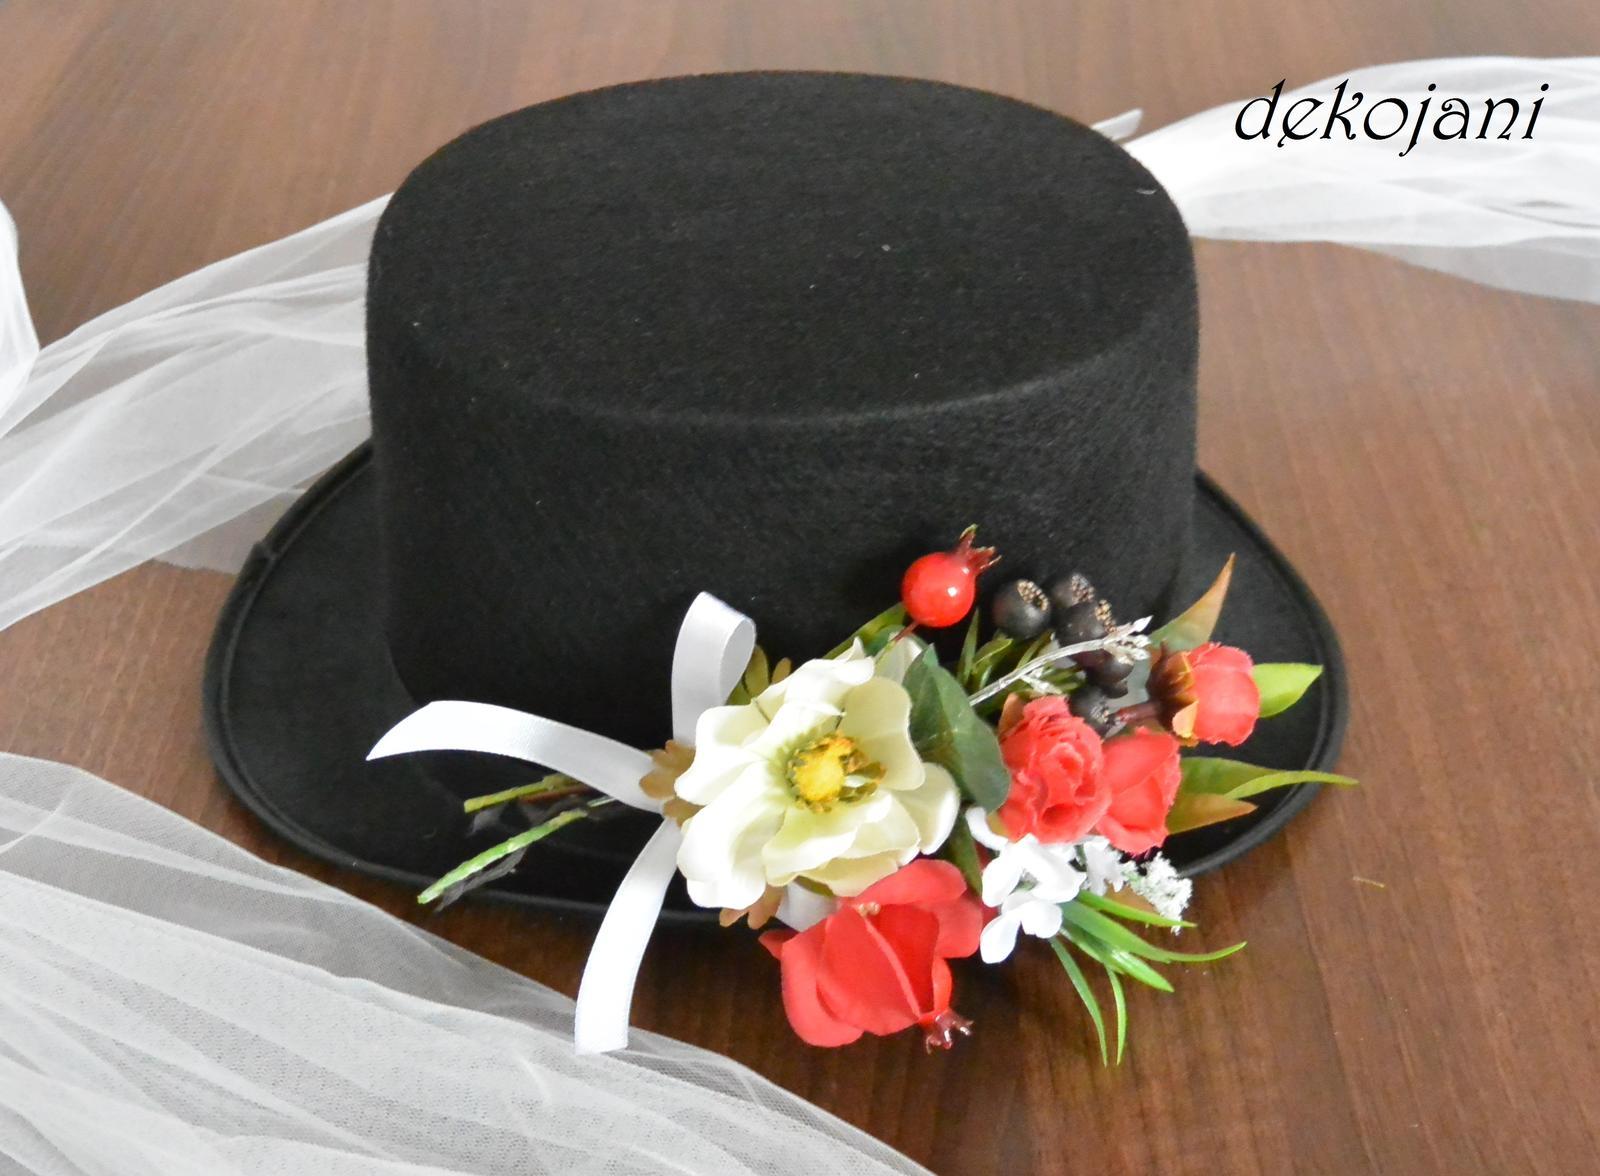 Svatební dekorace vše v barvách na přání! - Obrázek č. 33